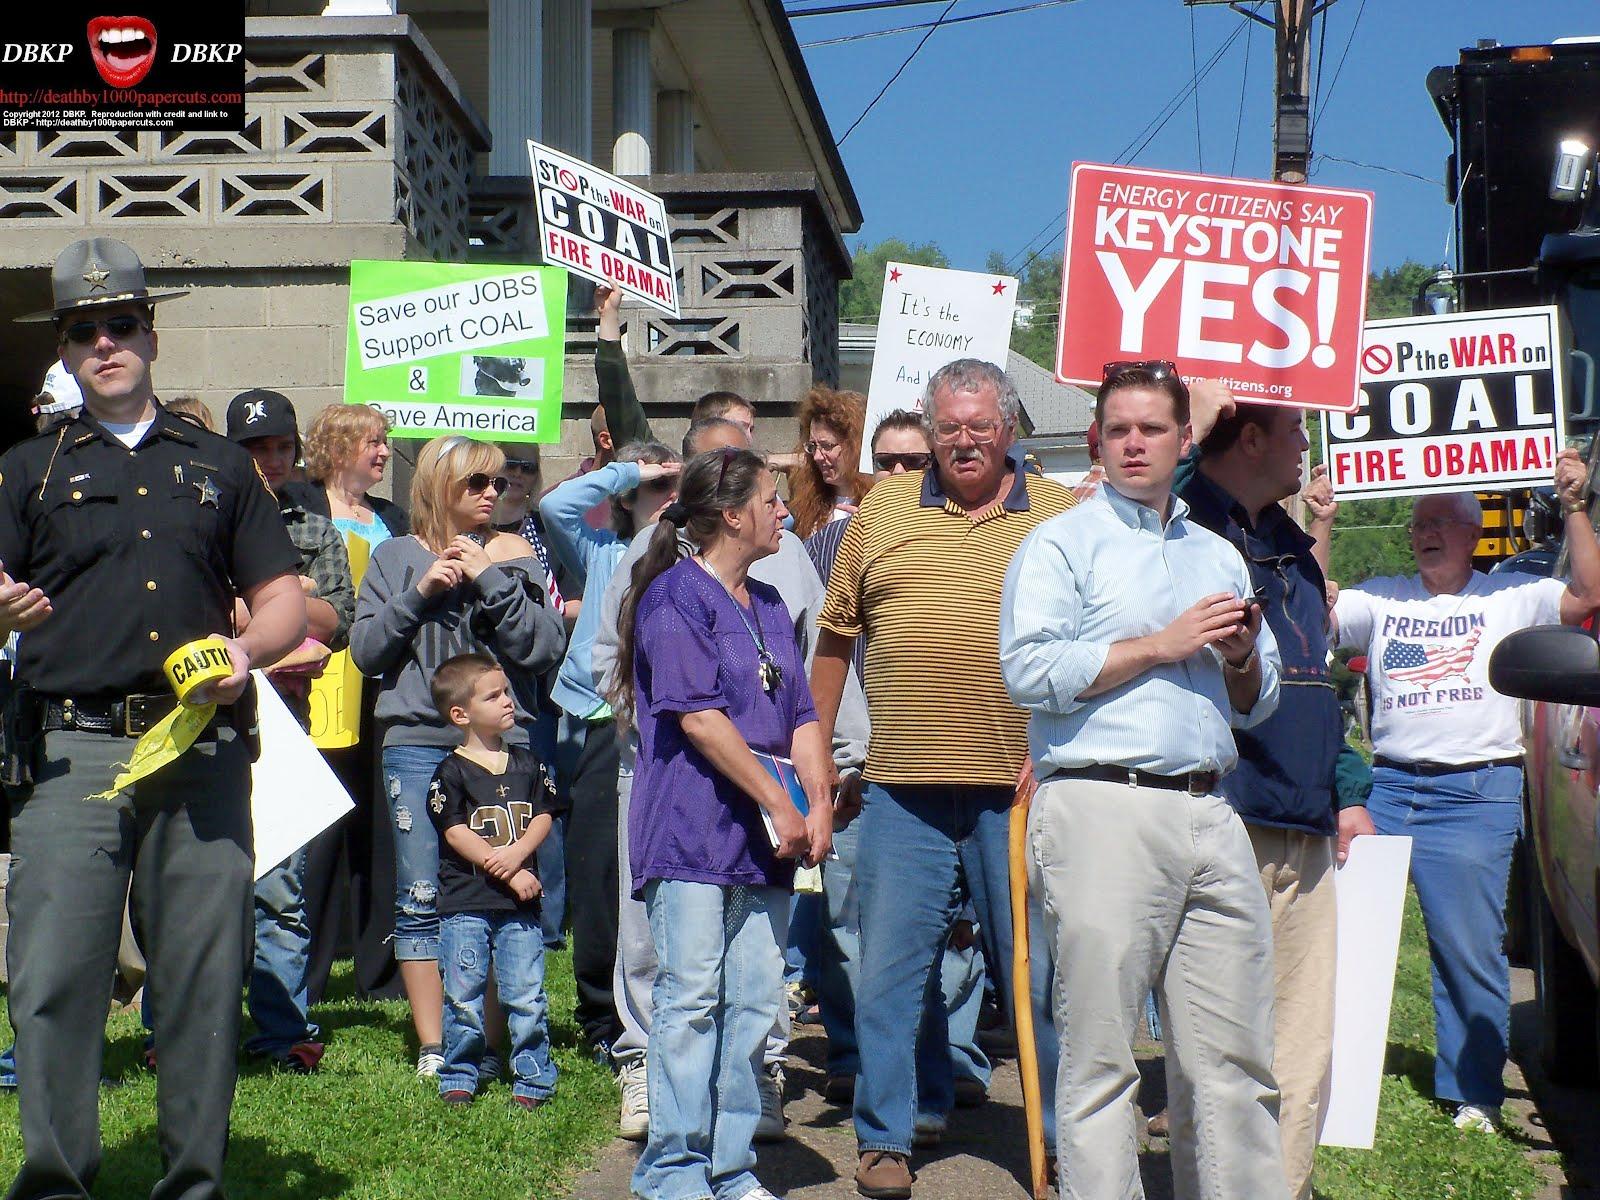 http://3.bp.blogspot.com/-0MtdCNZPzWs/T7jWoVrHf5I/AAAAAAAAXp8/YuUQ0sI10Mk/s1600/Biden-MF-protestors-3-0517-2012.jpg